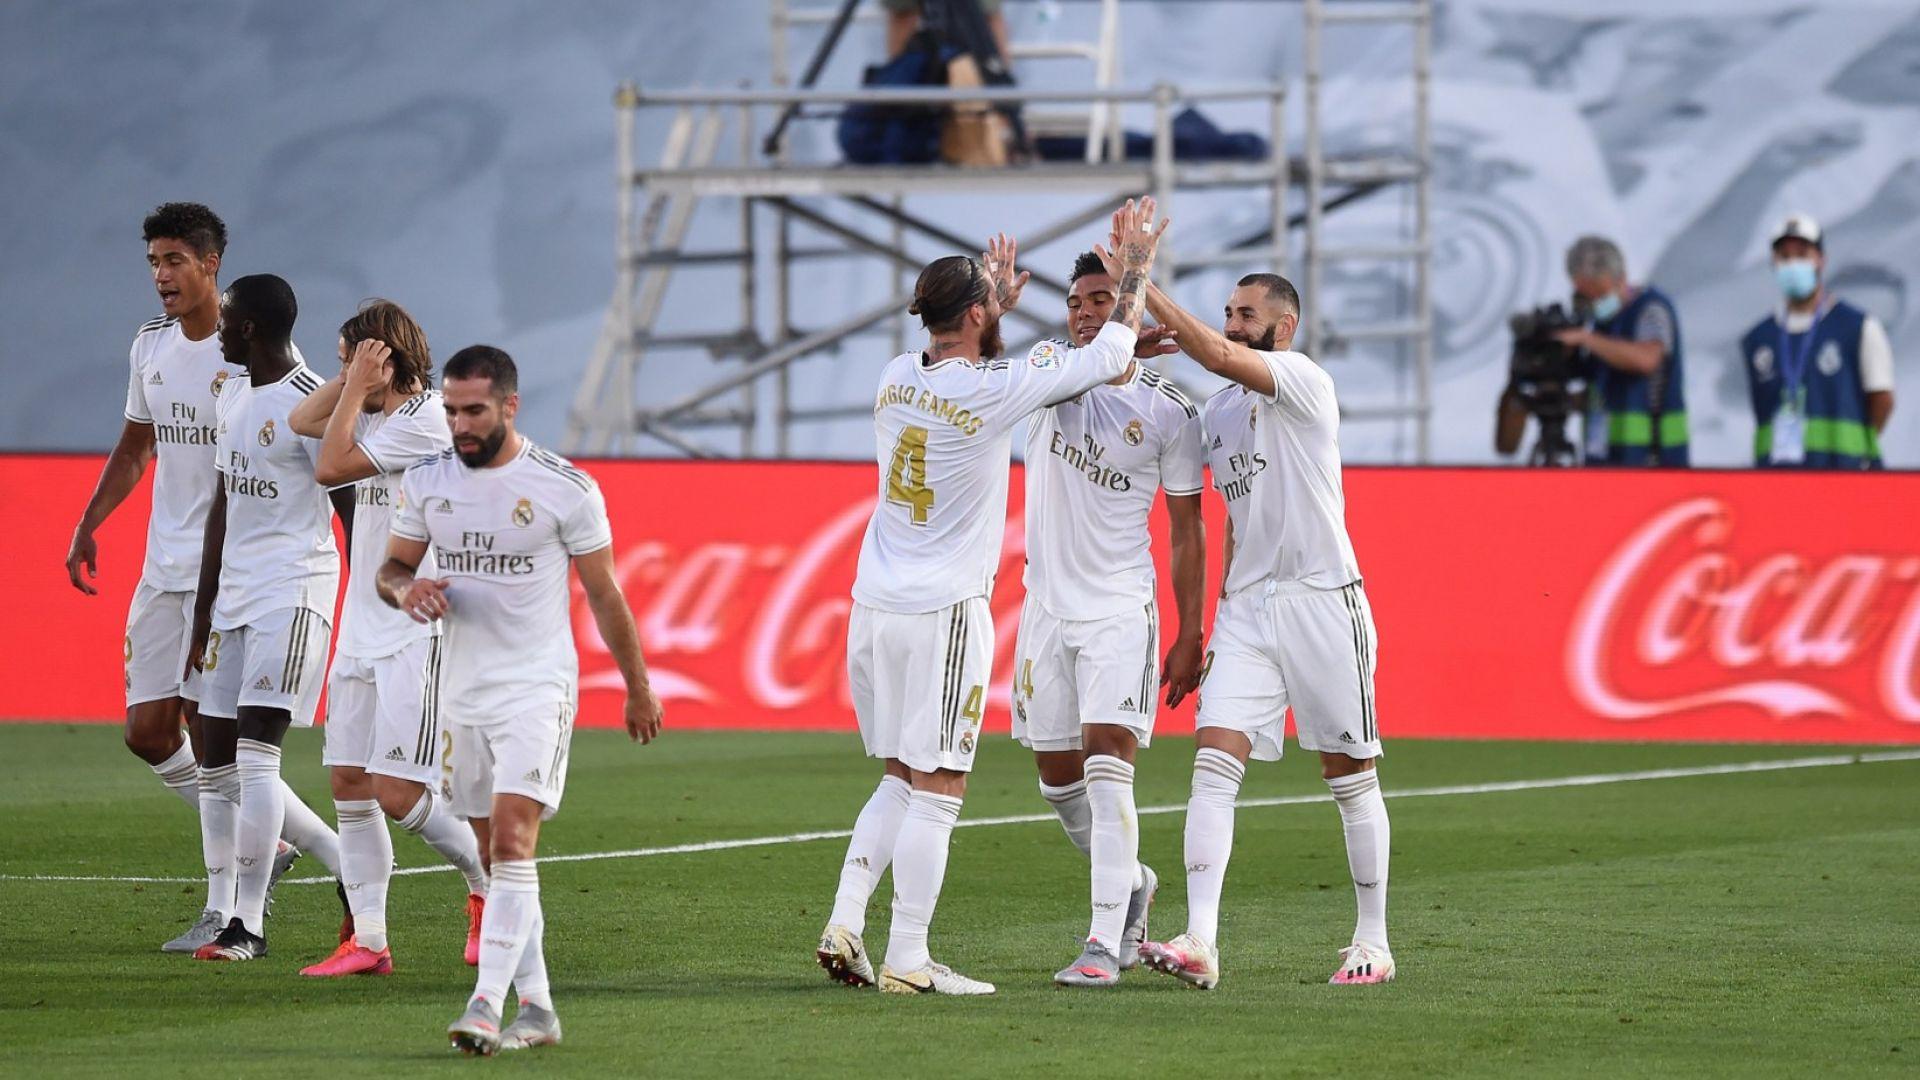 Числата не лъжат: Реал е бил най-облагодетелстван от съдиите този сезон